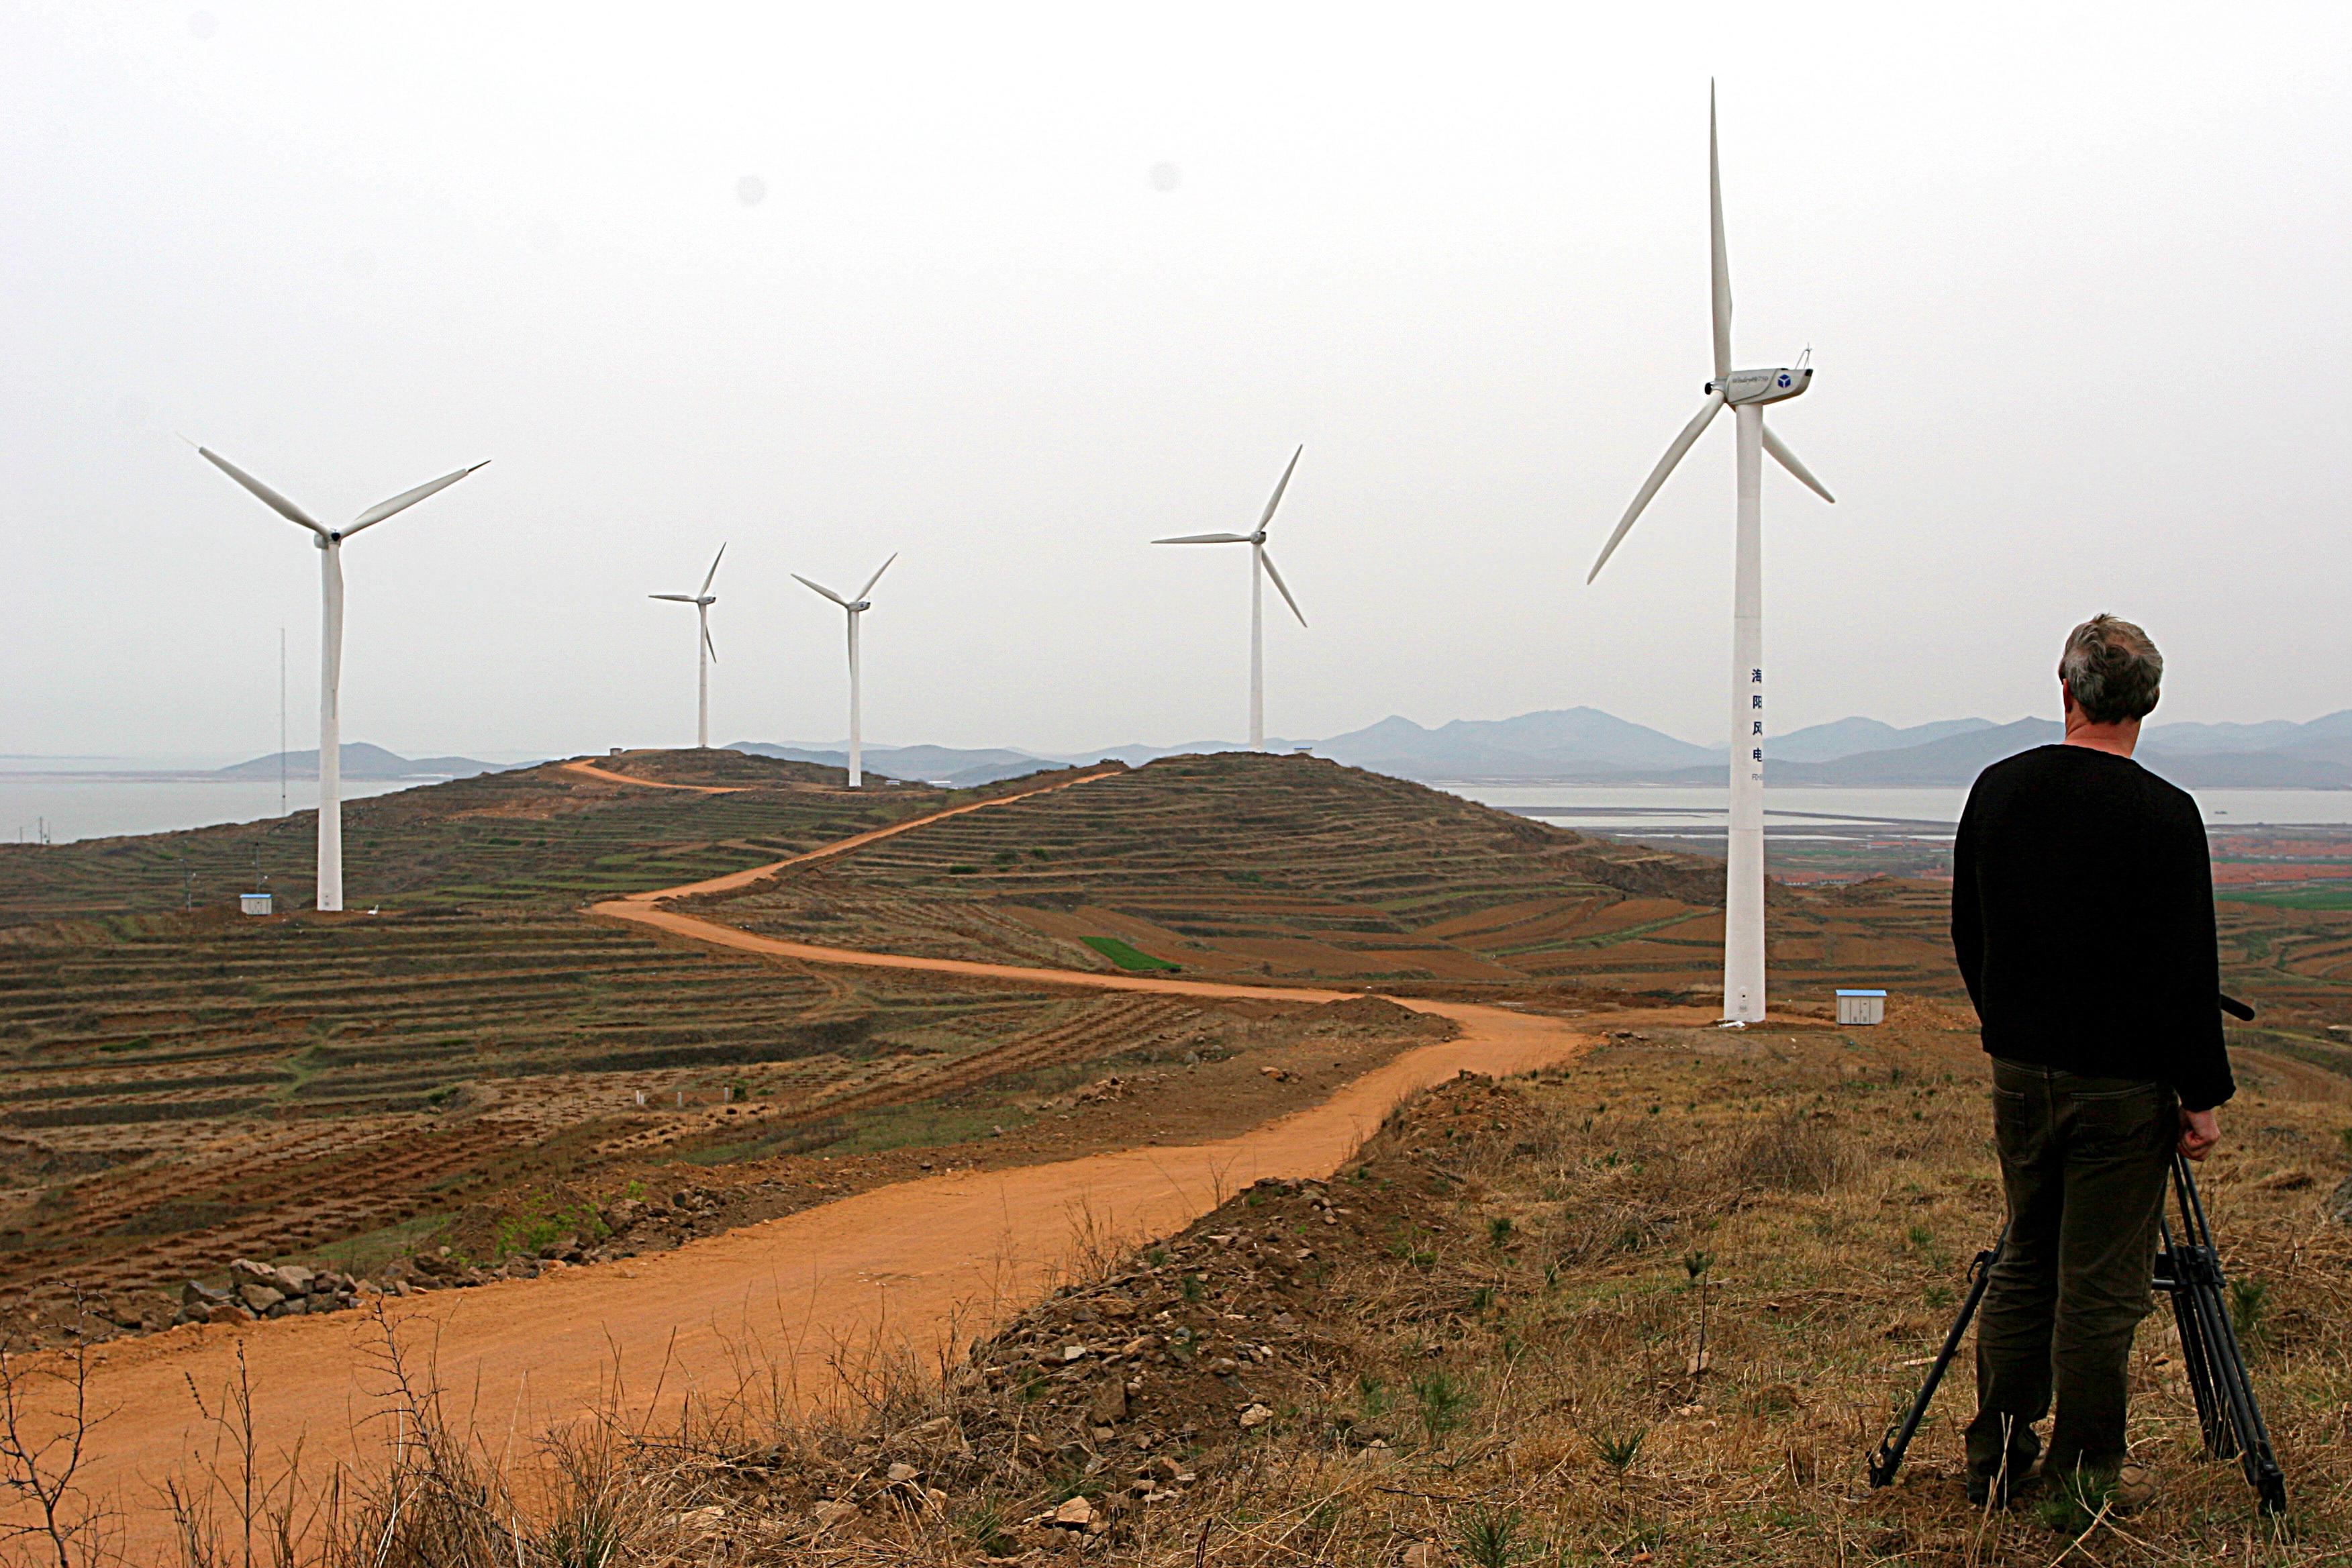 风电资产须加强风险管理